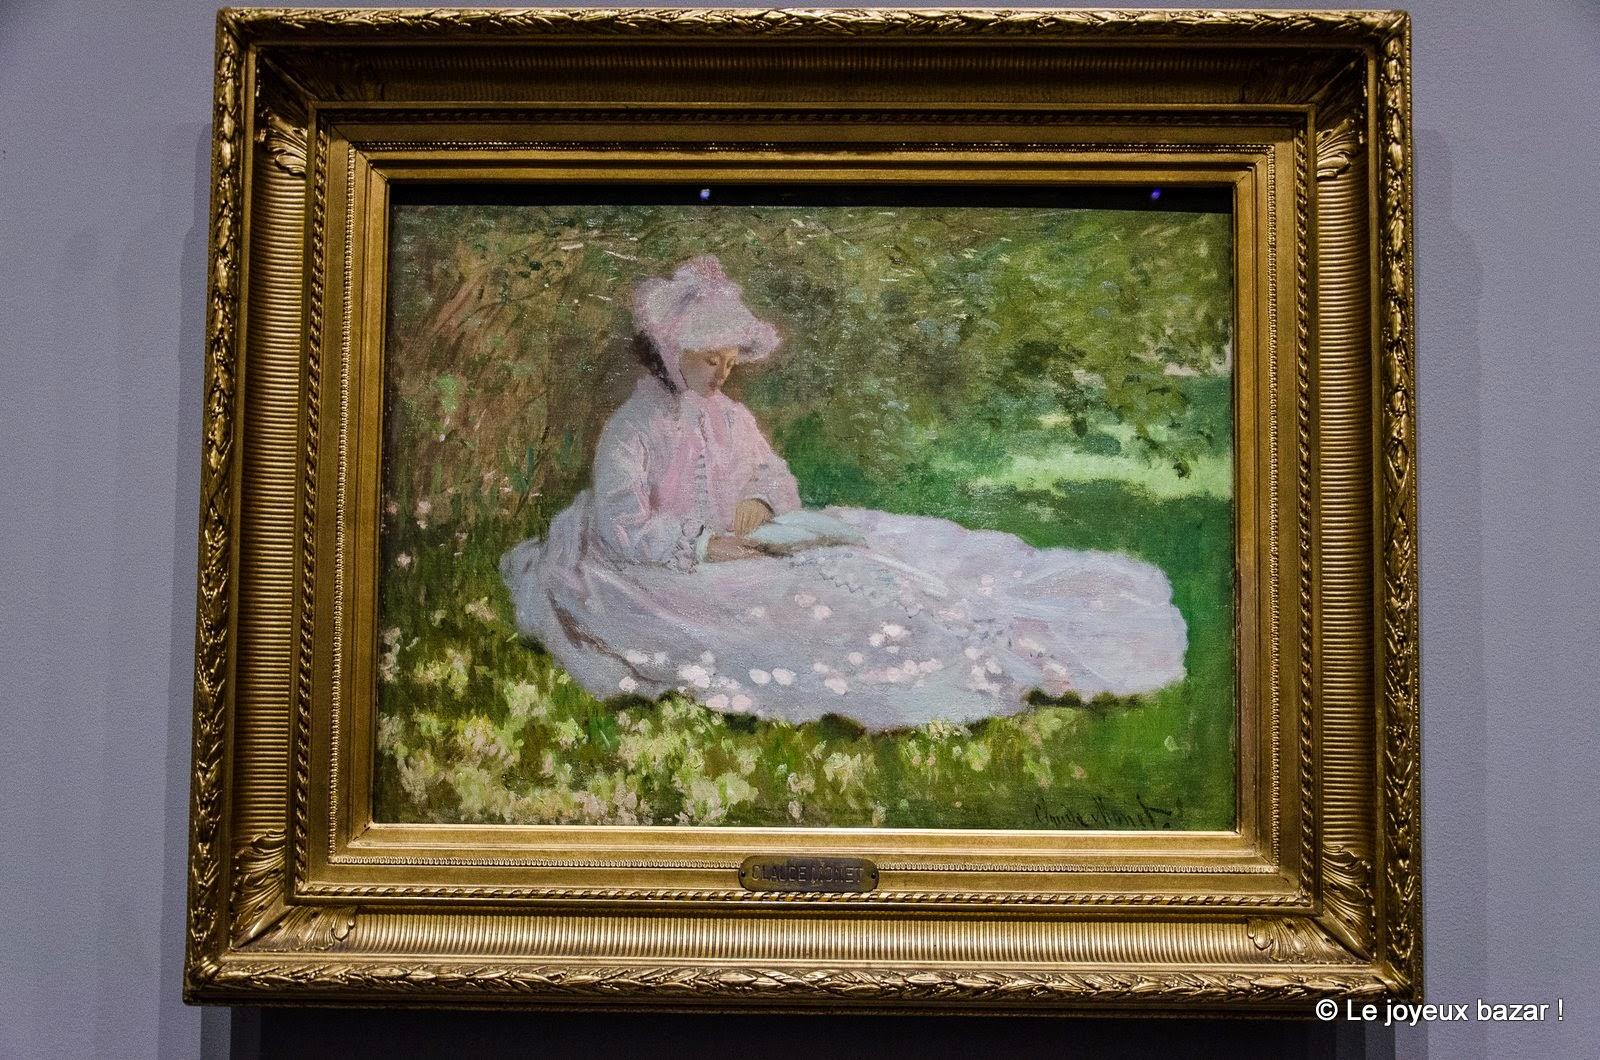 Claude Monet, La Liseuse, 1872, Huile sur toile, 50 x 65 cm, Baltimore, The Walters Art Museum